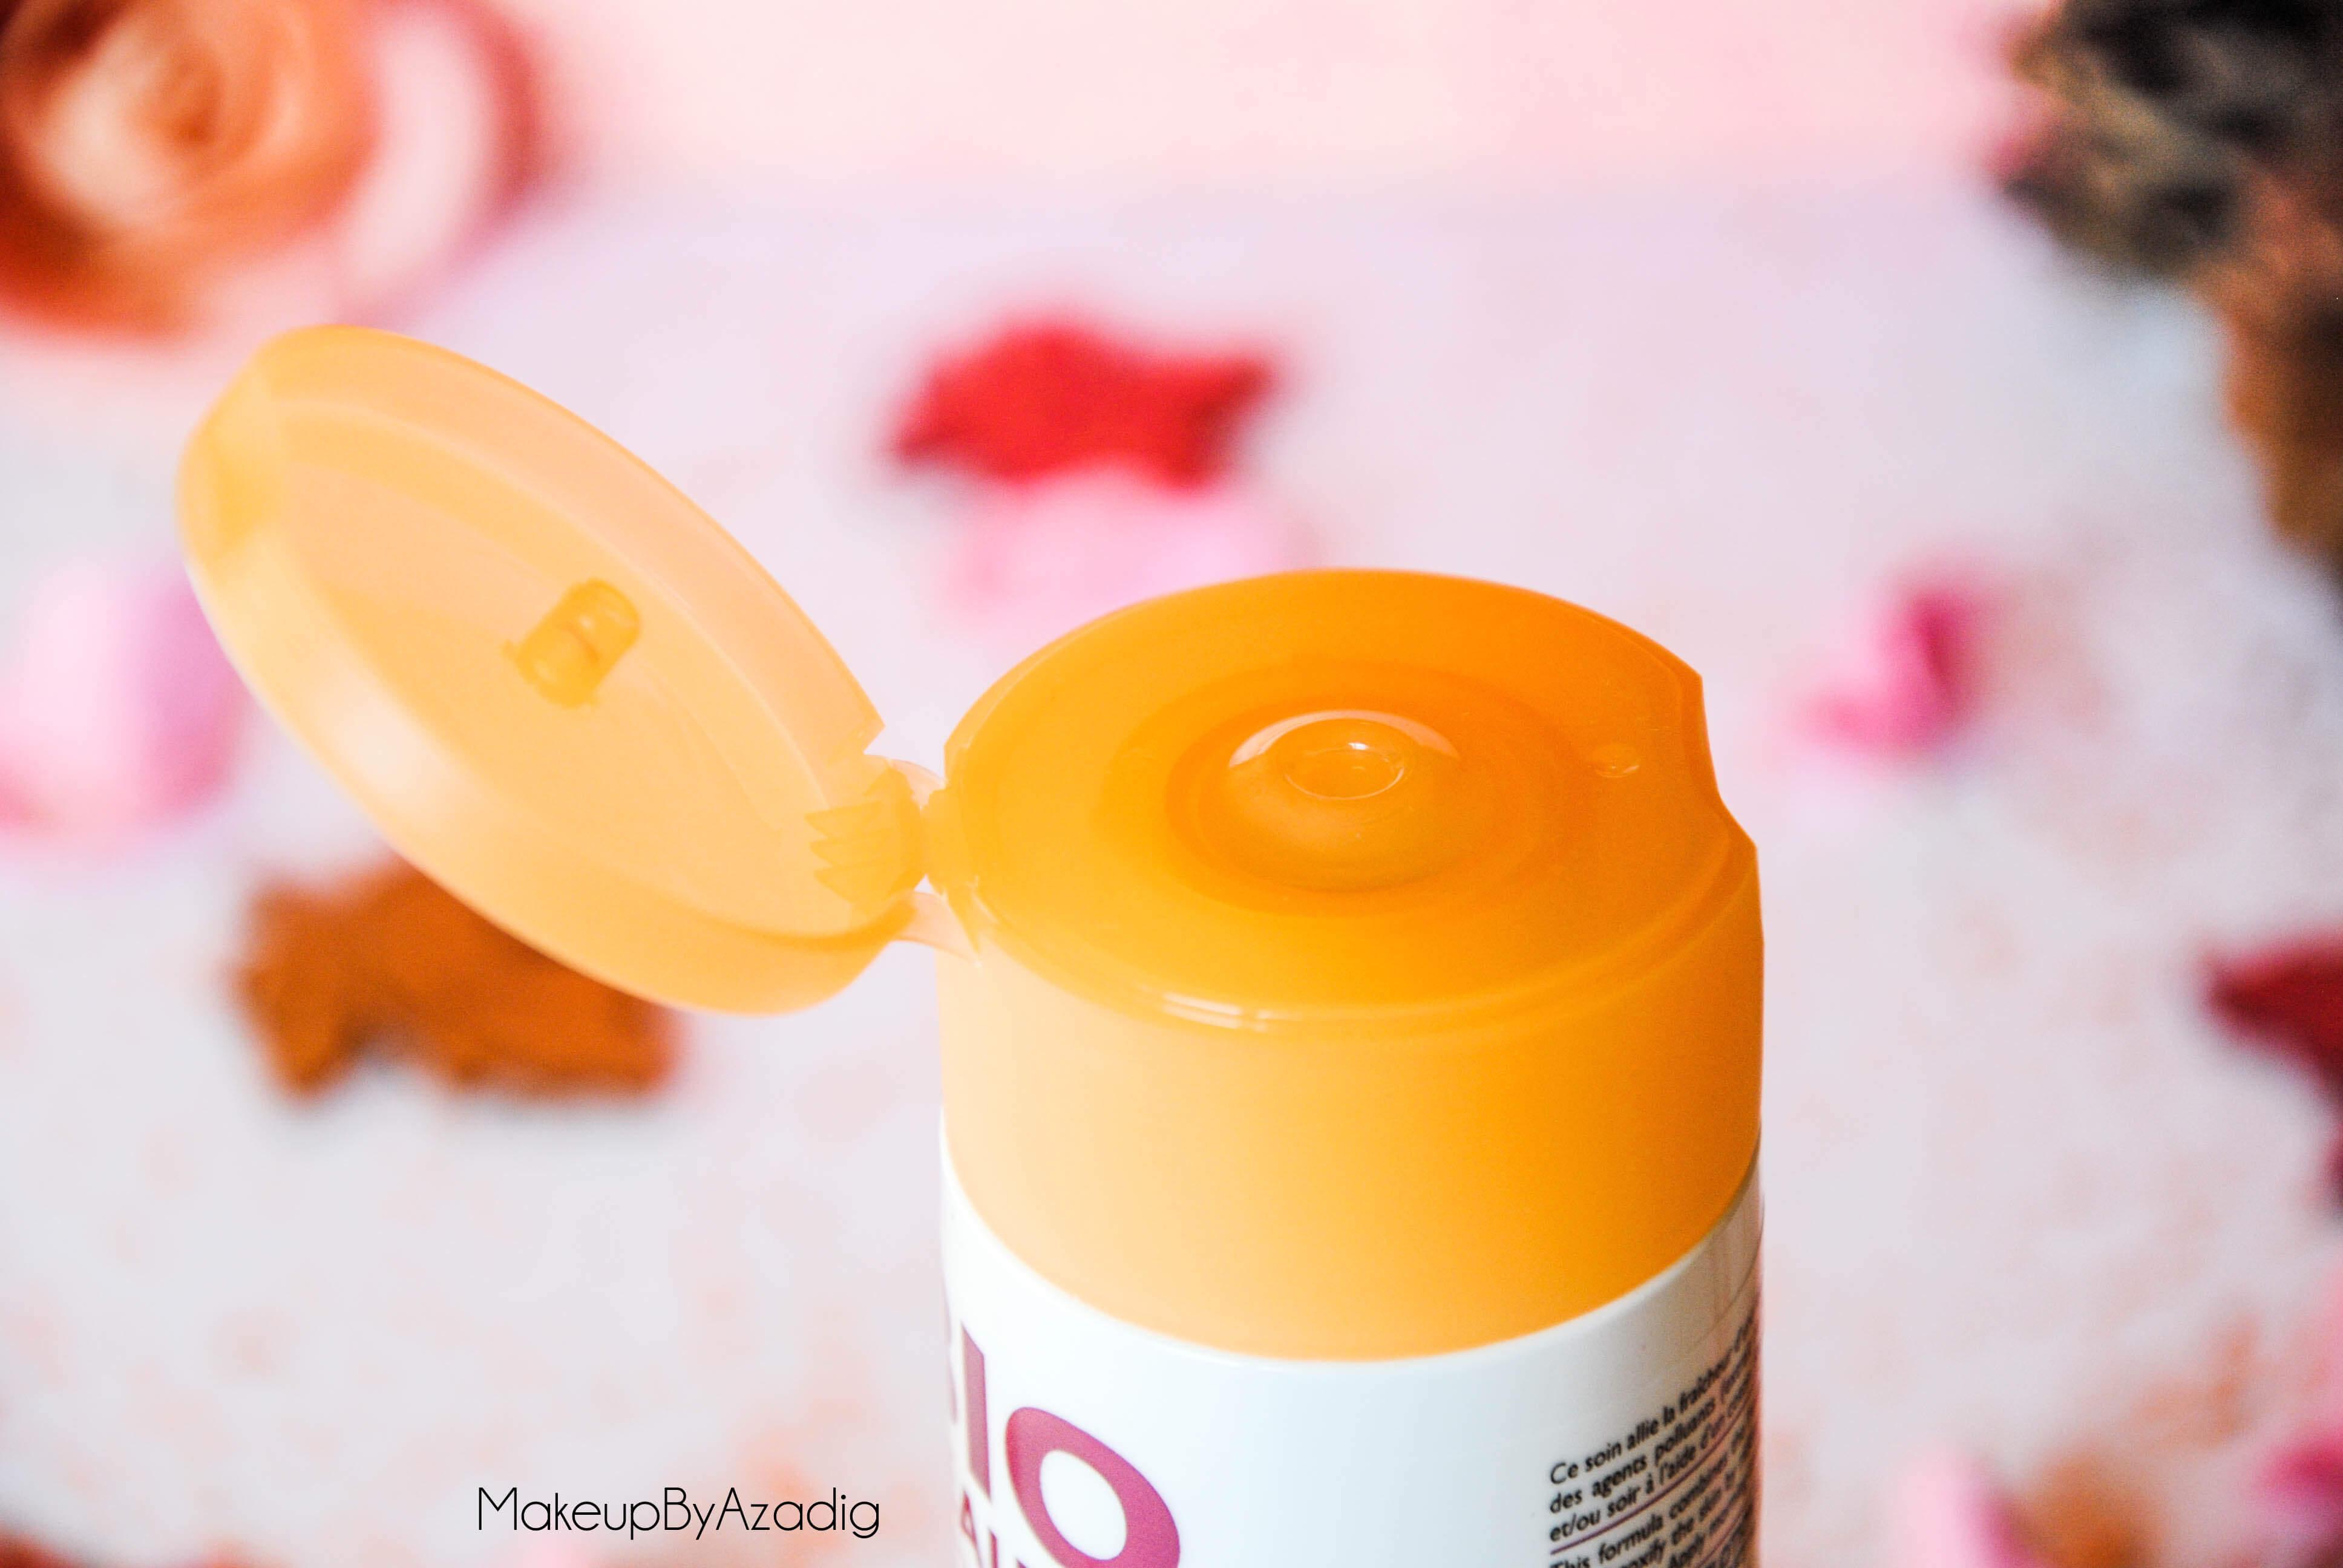 bio-beaute-nuxe-lotion-fluide-creme-contour-des-yeux-masque-orange-acerola-doctipharma-routine-du-matin-detox-eclat-nouvelle-gamme-soin-troyes-paris-dijon-makeupbyazadig-blog-revue-review-embout